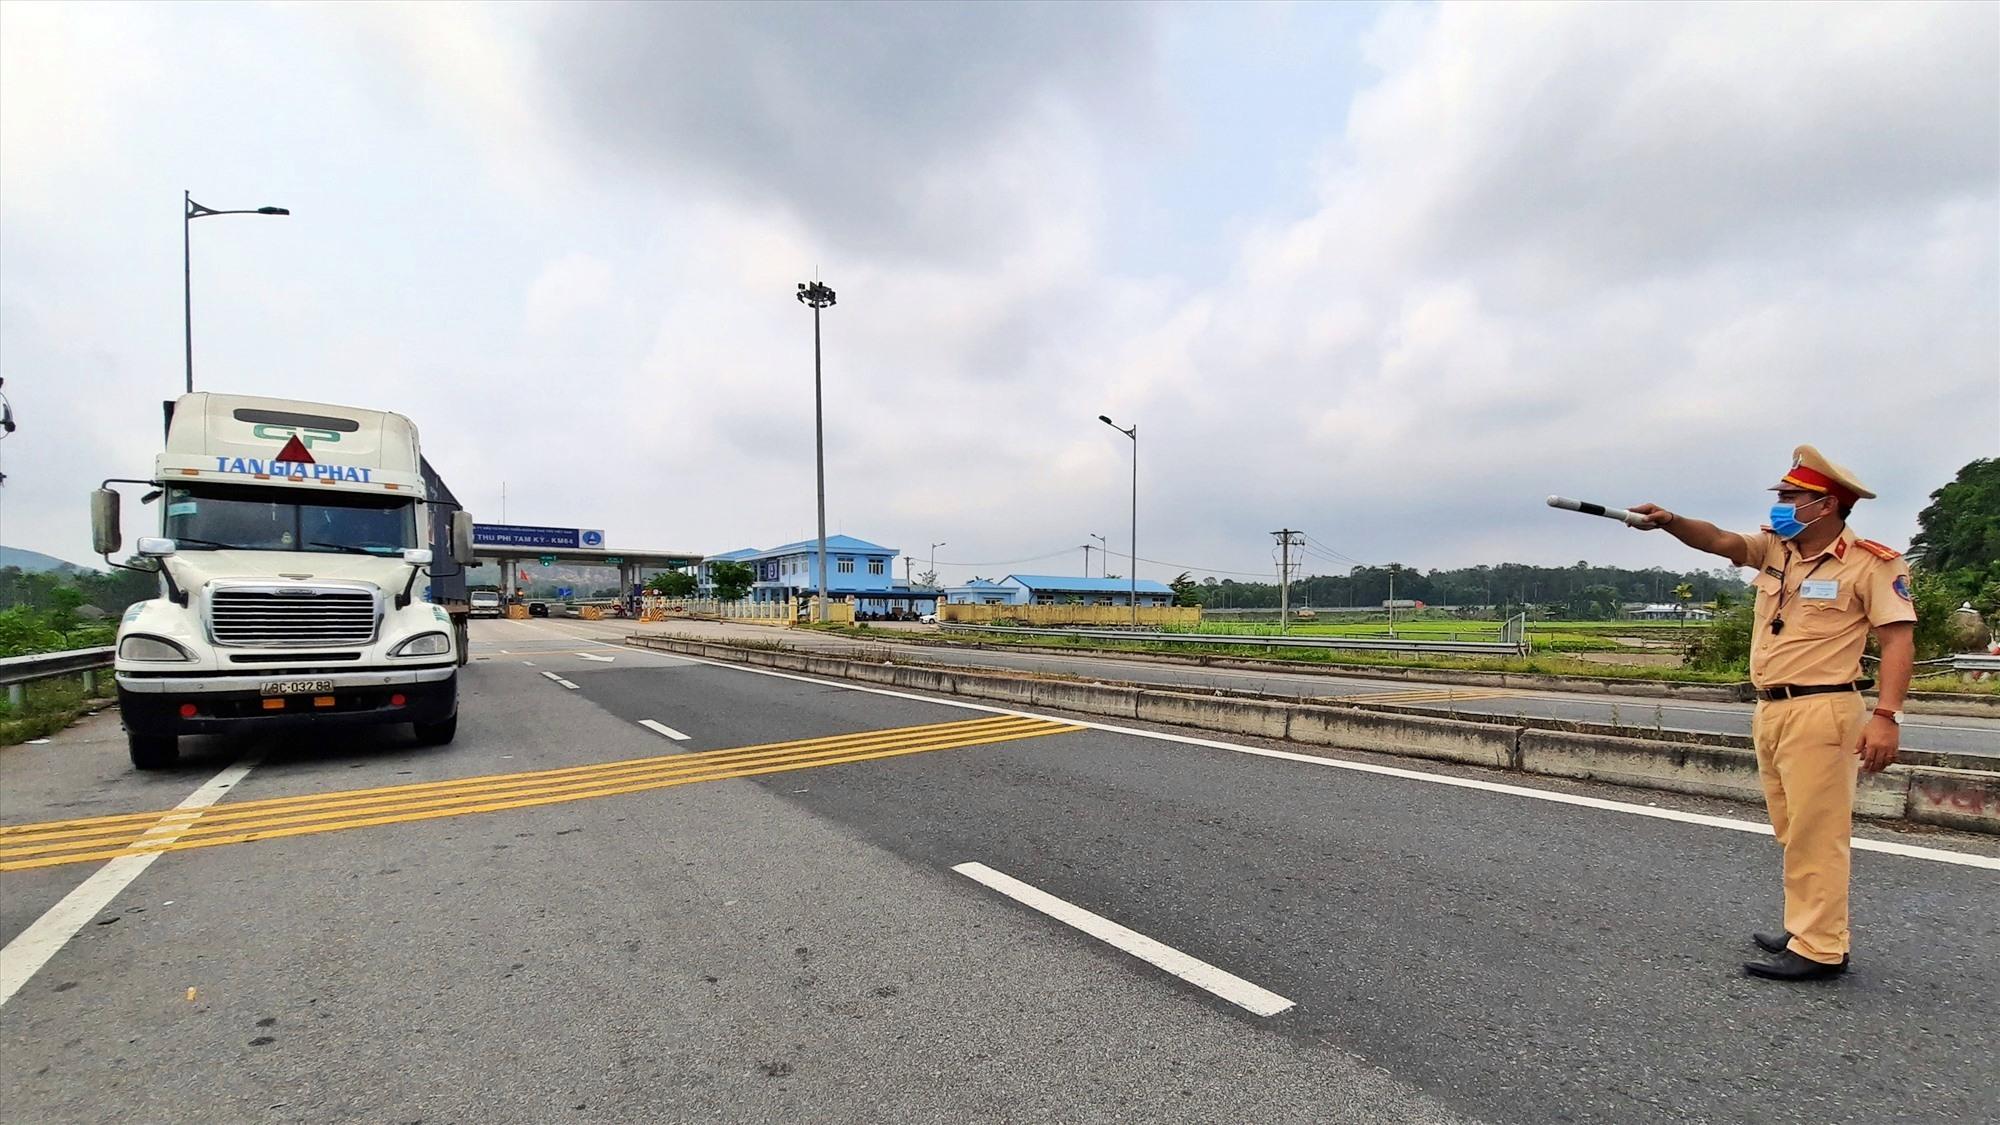 Dừng tất cả xe lưu thông từ cao tốc Đà Nẵng - Quảng Ngãi vào quốc lộ 40B để kiểm soát. Ảnh: Đ. Q